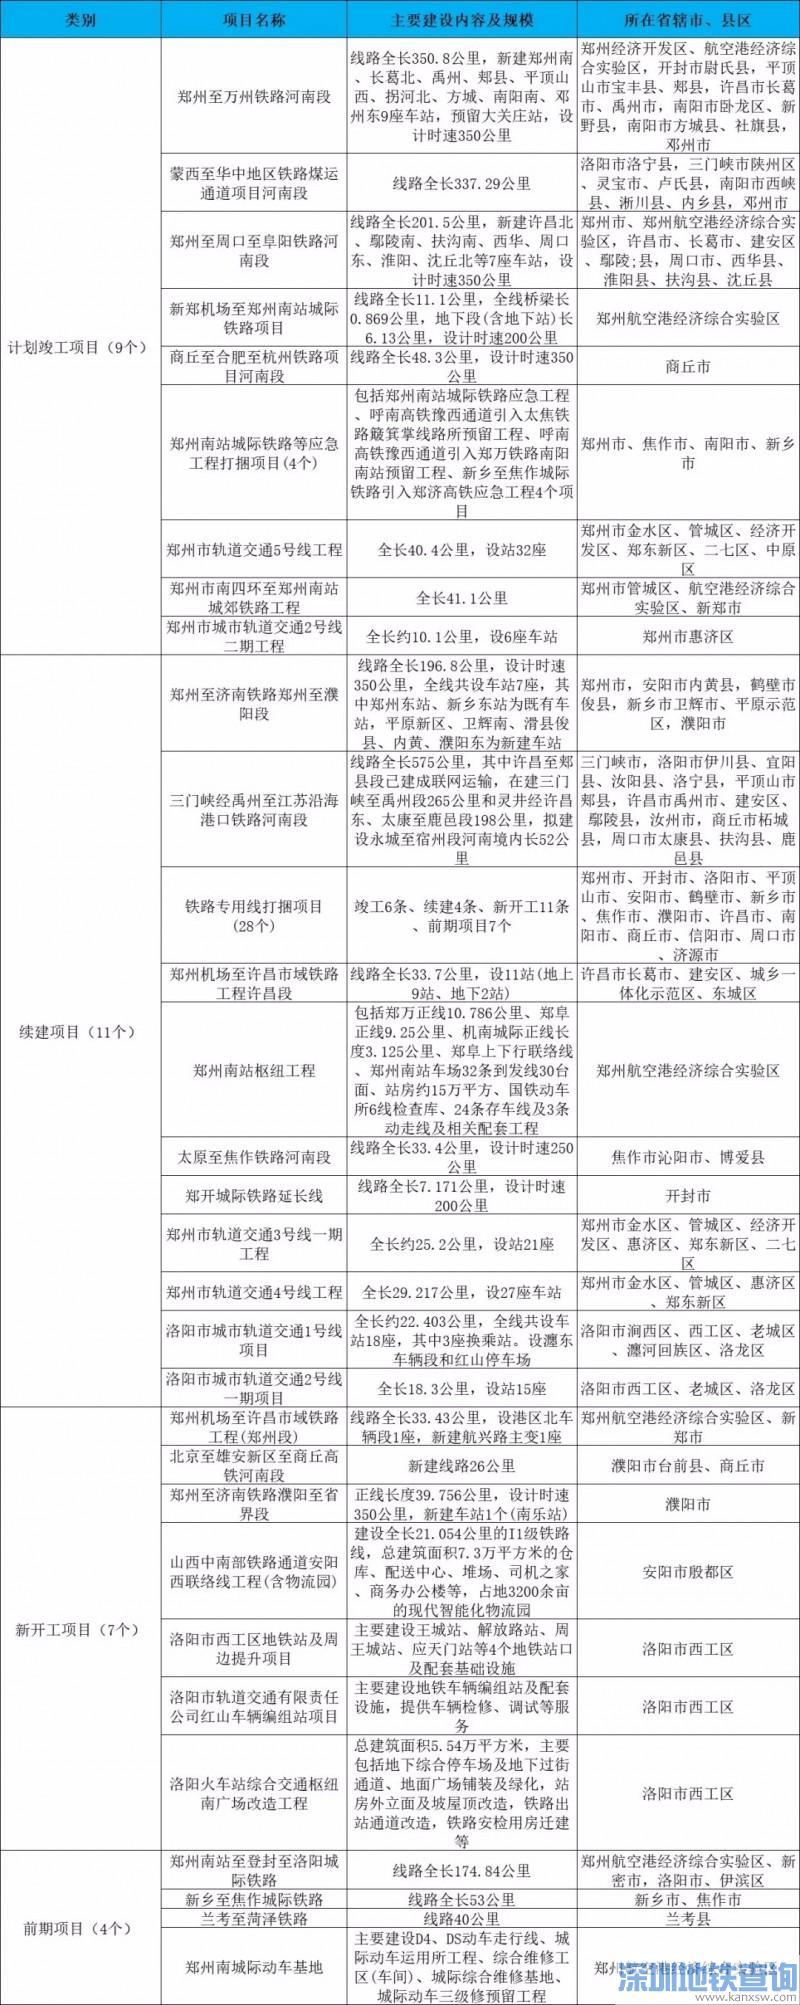 2019年河南轨道交通项目名单一览 计划新开工7个